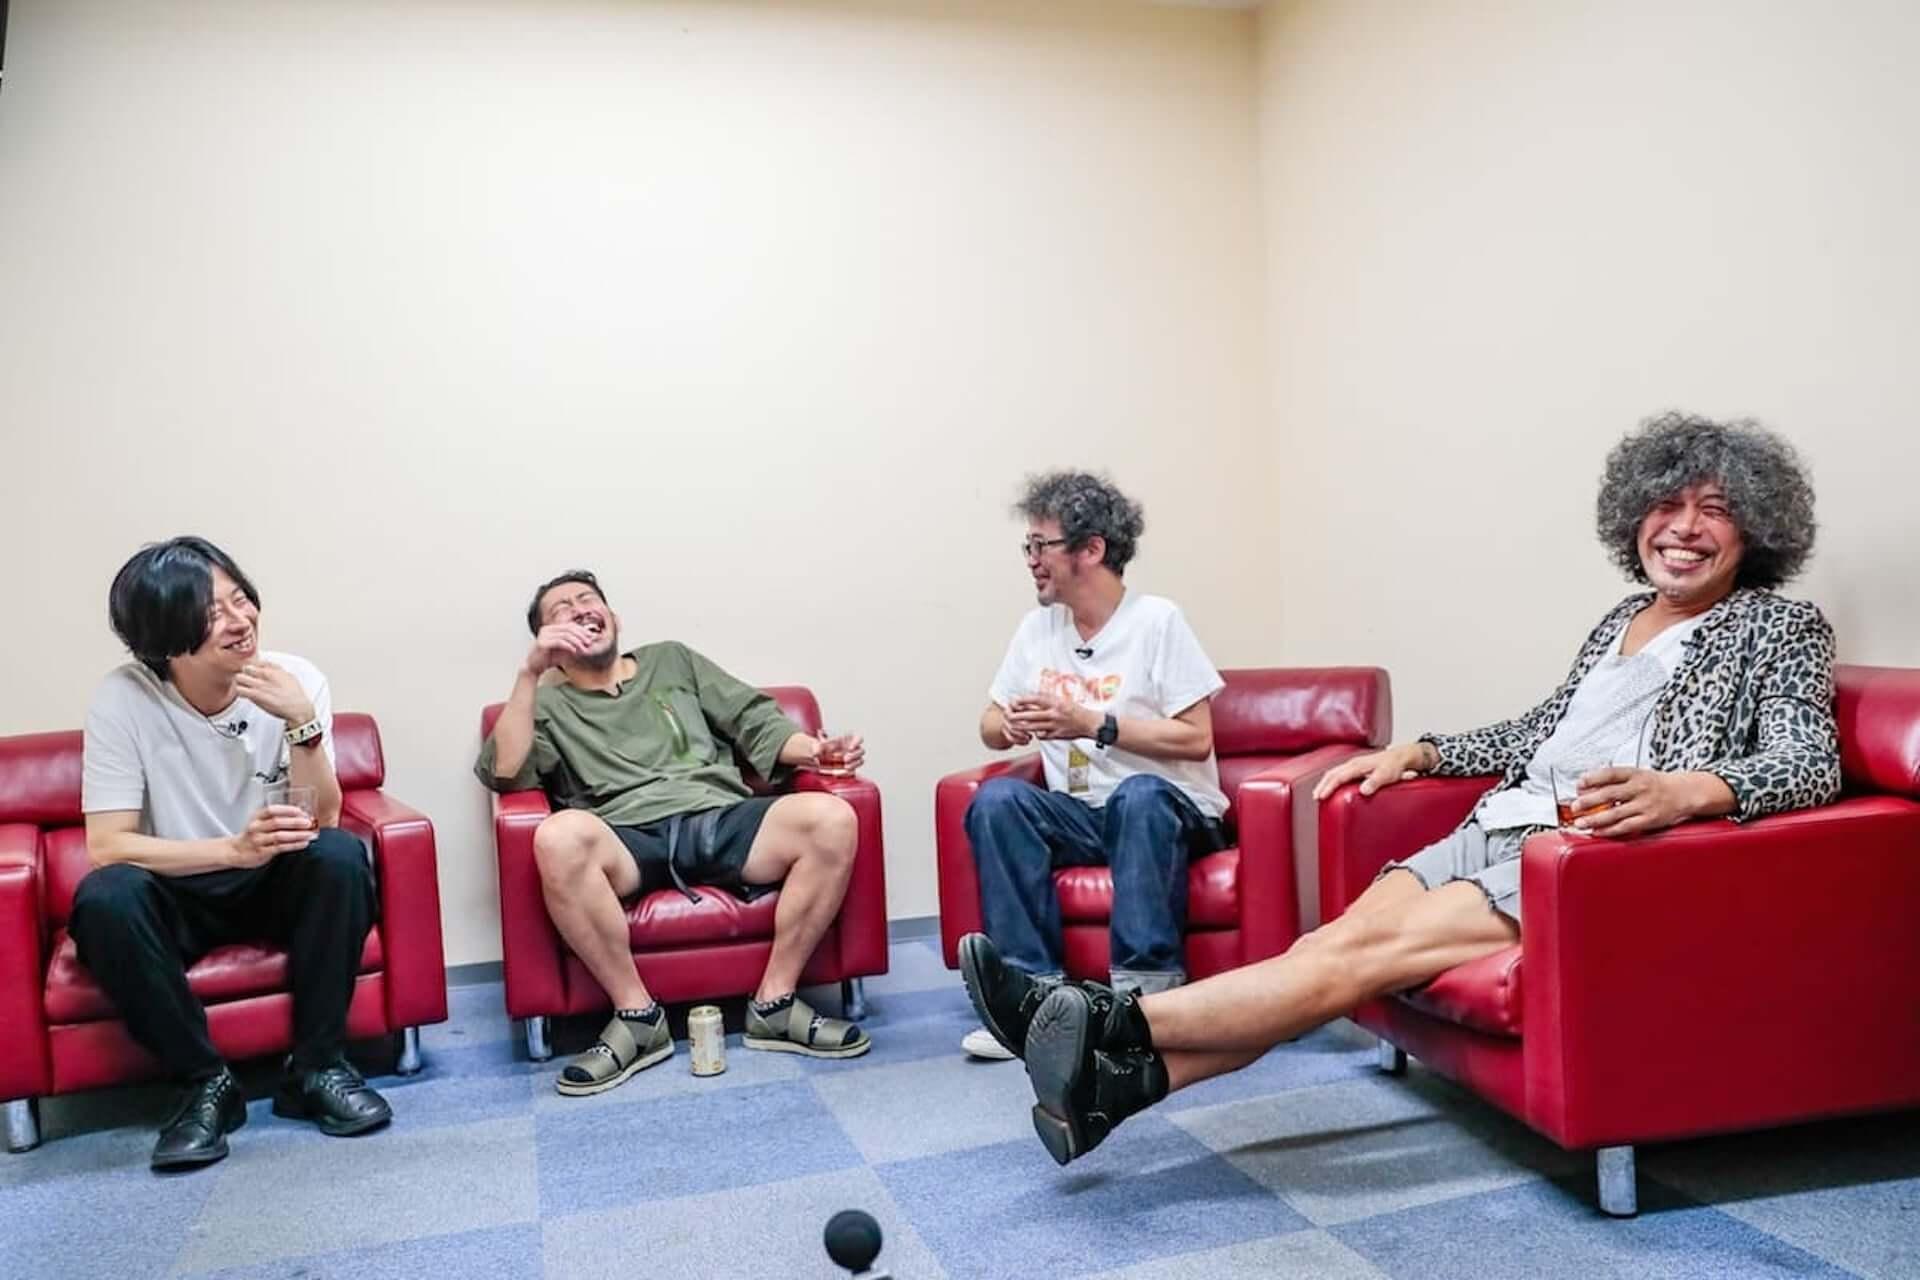 奥田民生、佐藤タイジ、ホリエアツシ、TOSHI-LOWによる座談会が『Festival Junkie Podcast』にて配信中!<THE SOLAR BUDOKAN 2020>特別企画 music200930_festival-junkie_4-1920x1280